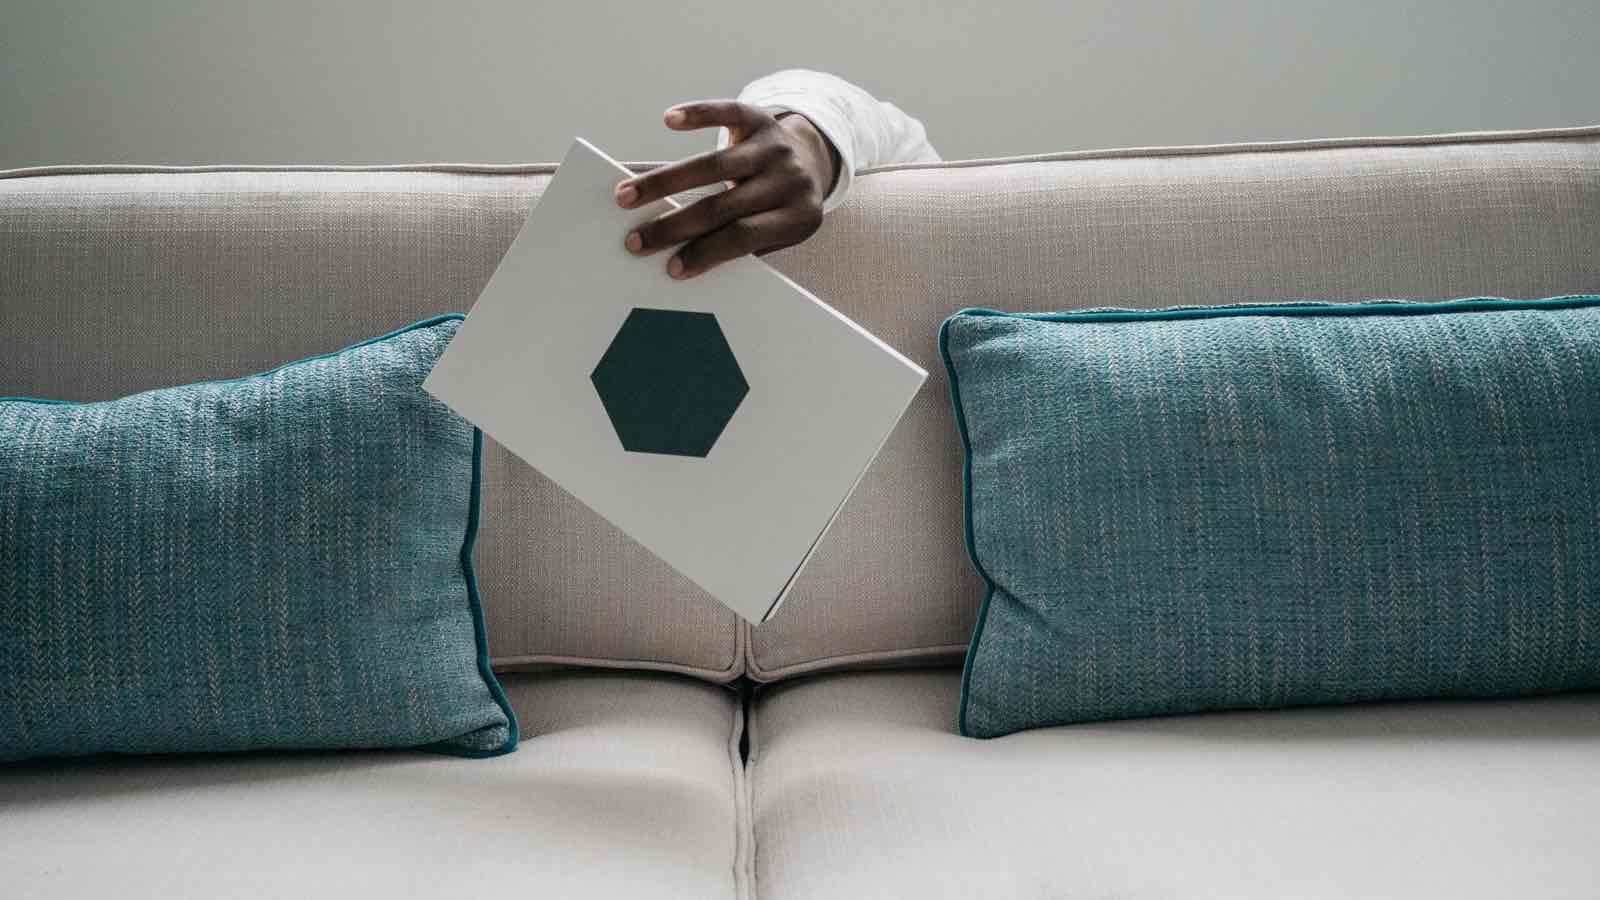 kopfkissen waschen schleudern grosartig kopfkissen fur. Black Bedroom Furniture Sets. Home Design Ideas